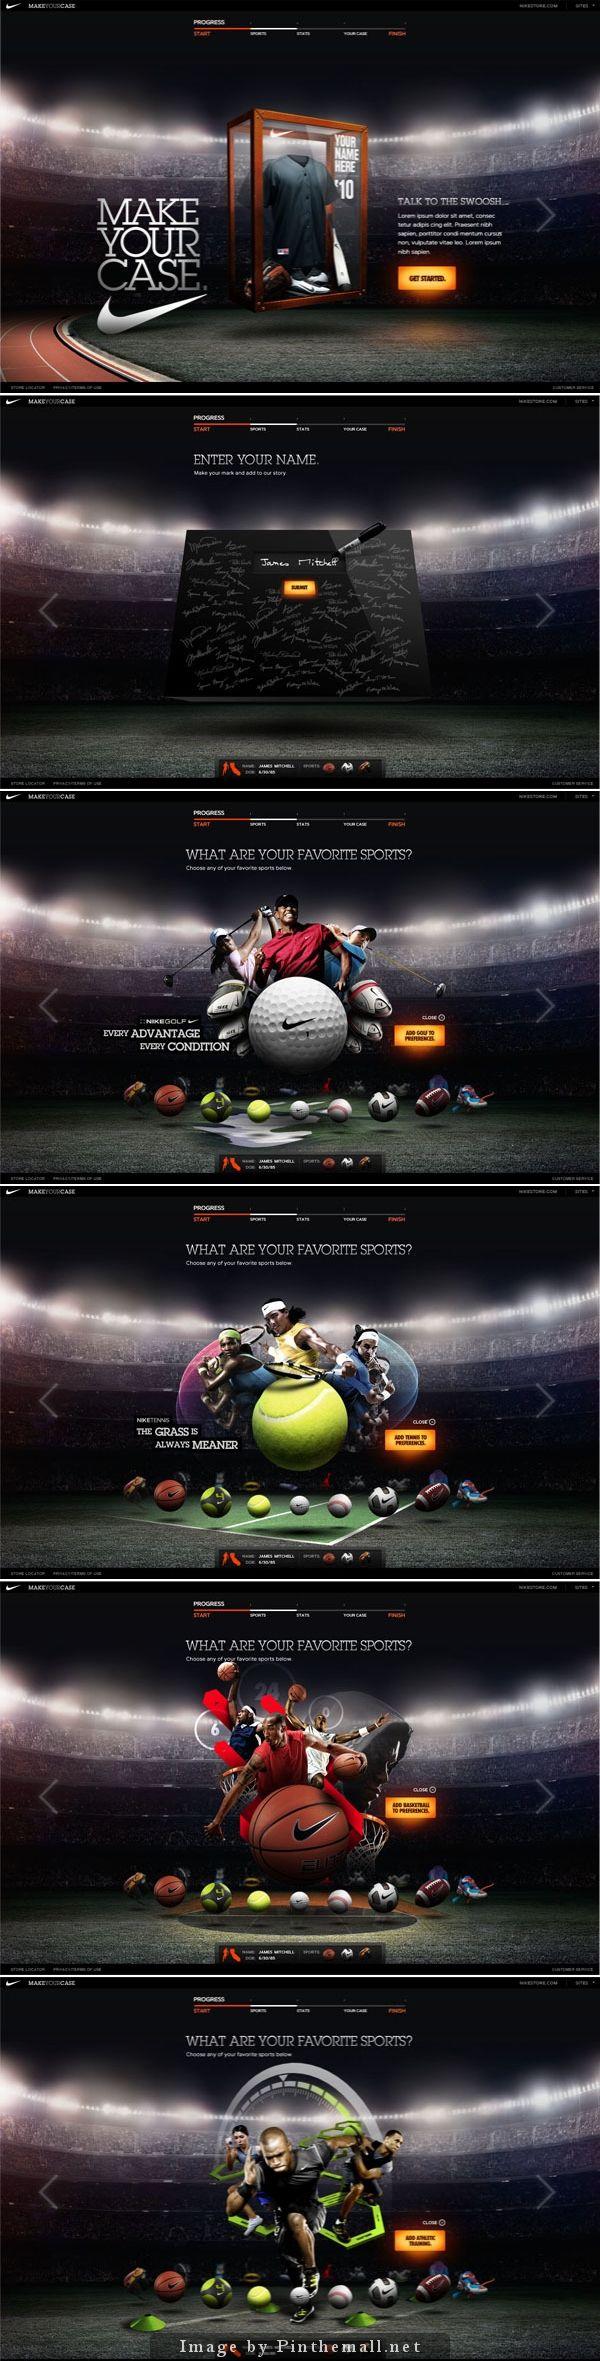 Cool Web Design, NIKE. #webdesign #webdevelopment [http://www.pinterest.com/alfredchong/]